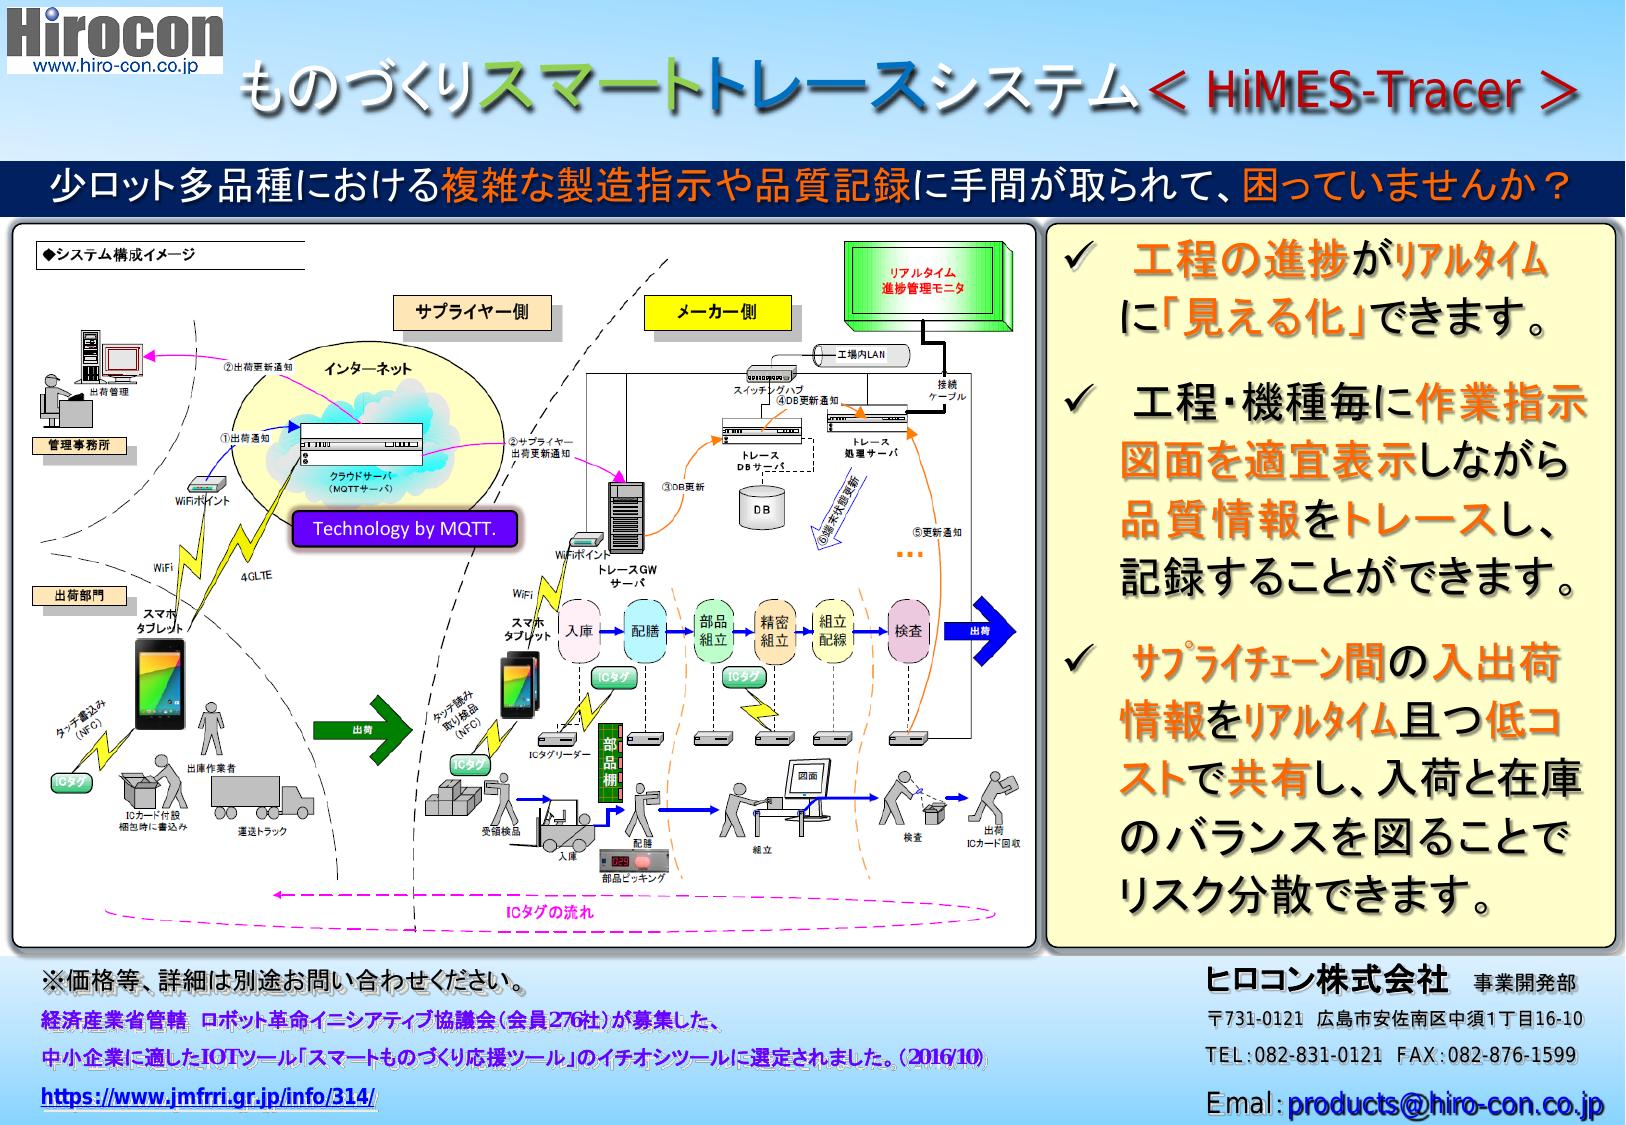 ものづくりスマートトレースシステム HiMES-Tracer